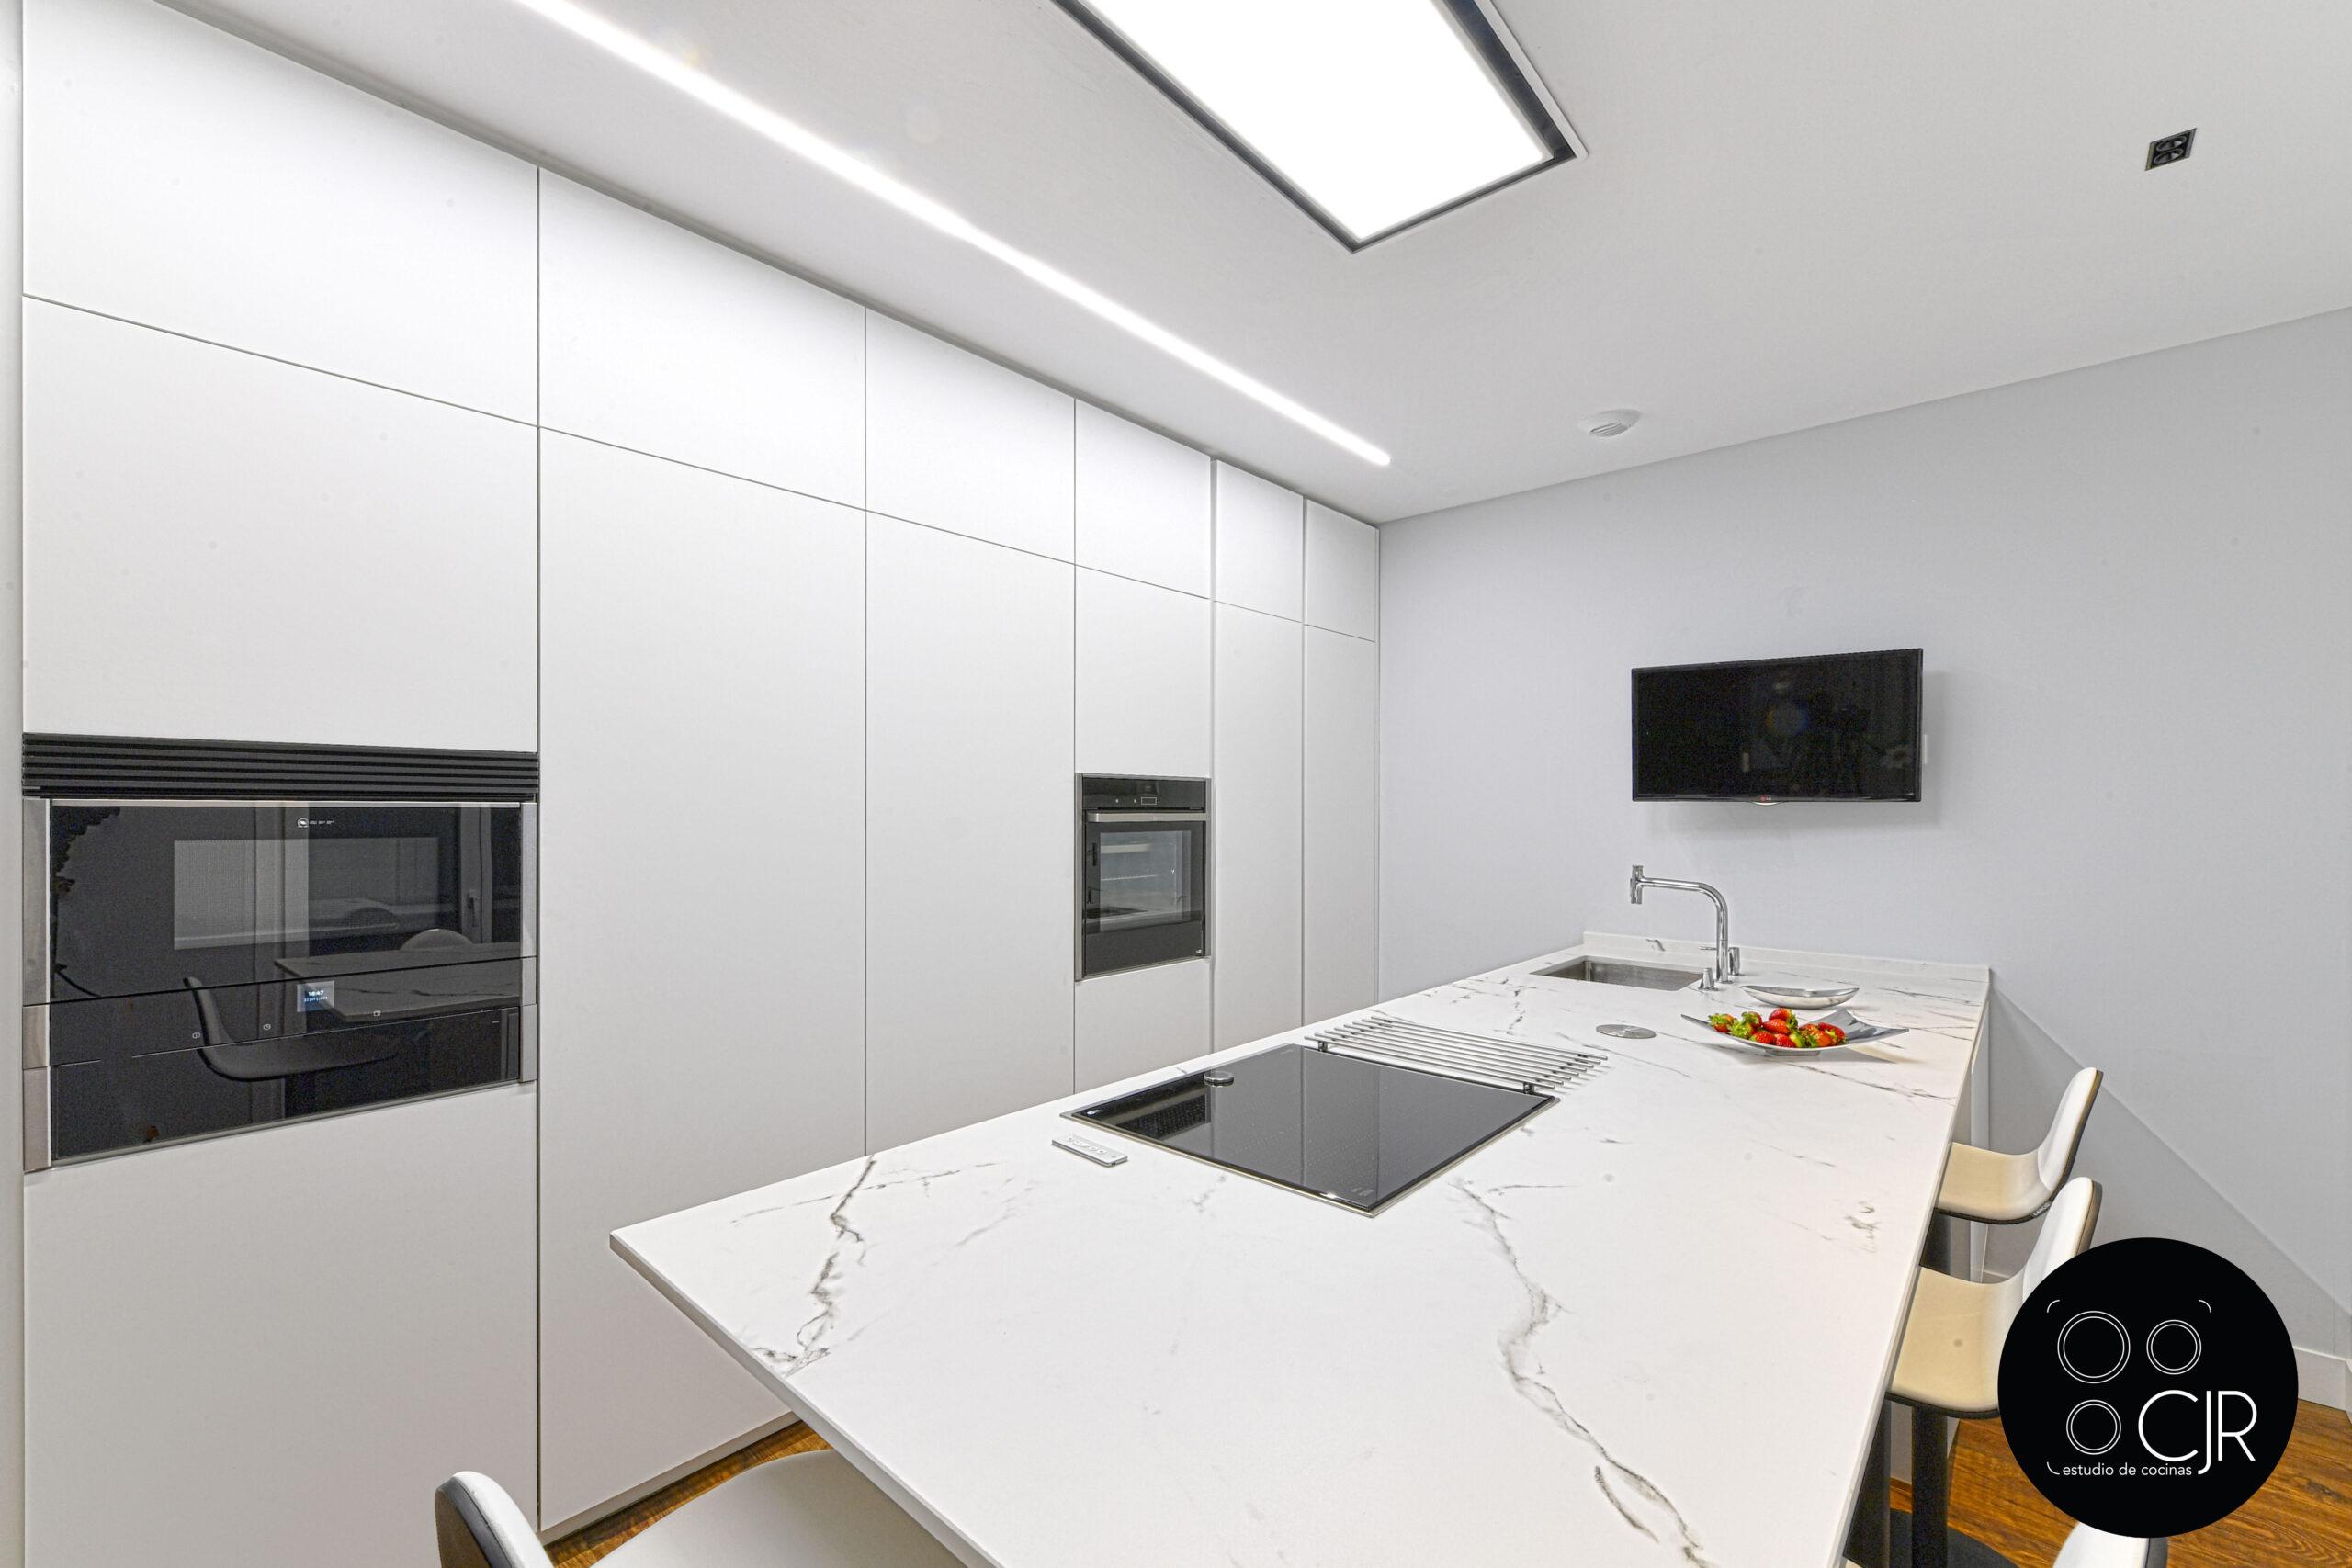 Encimera y muebles altos en cocina blanca mate sin tiradores